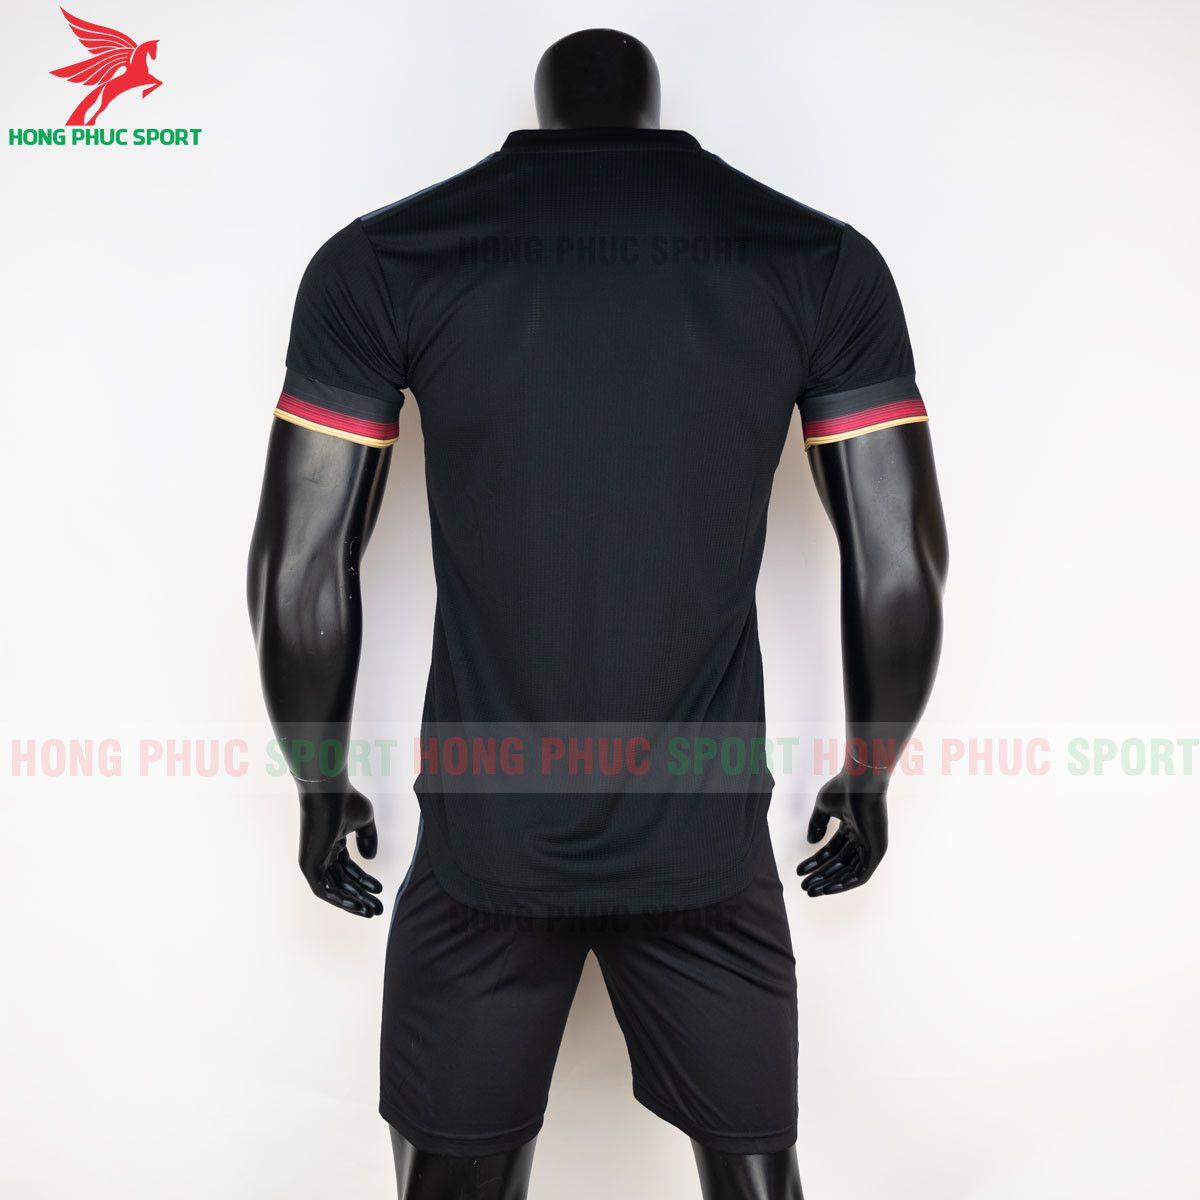 https://cdn.hongphucsport.com/unsafe/s4.shopbay.vn/files/285/ao-bong-da-tuyen-duc-2021-san-khach-hang-thai-7-60d2ffd0b7f40.jpg